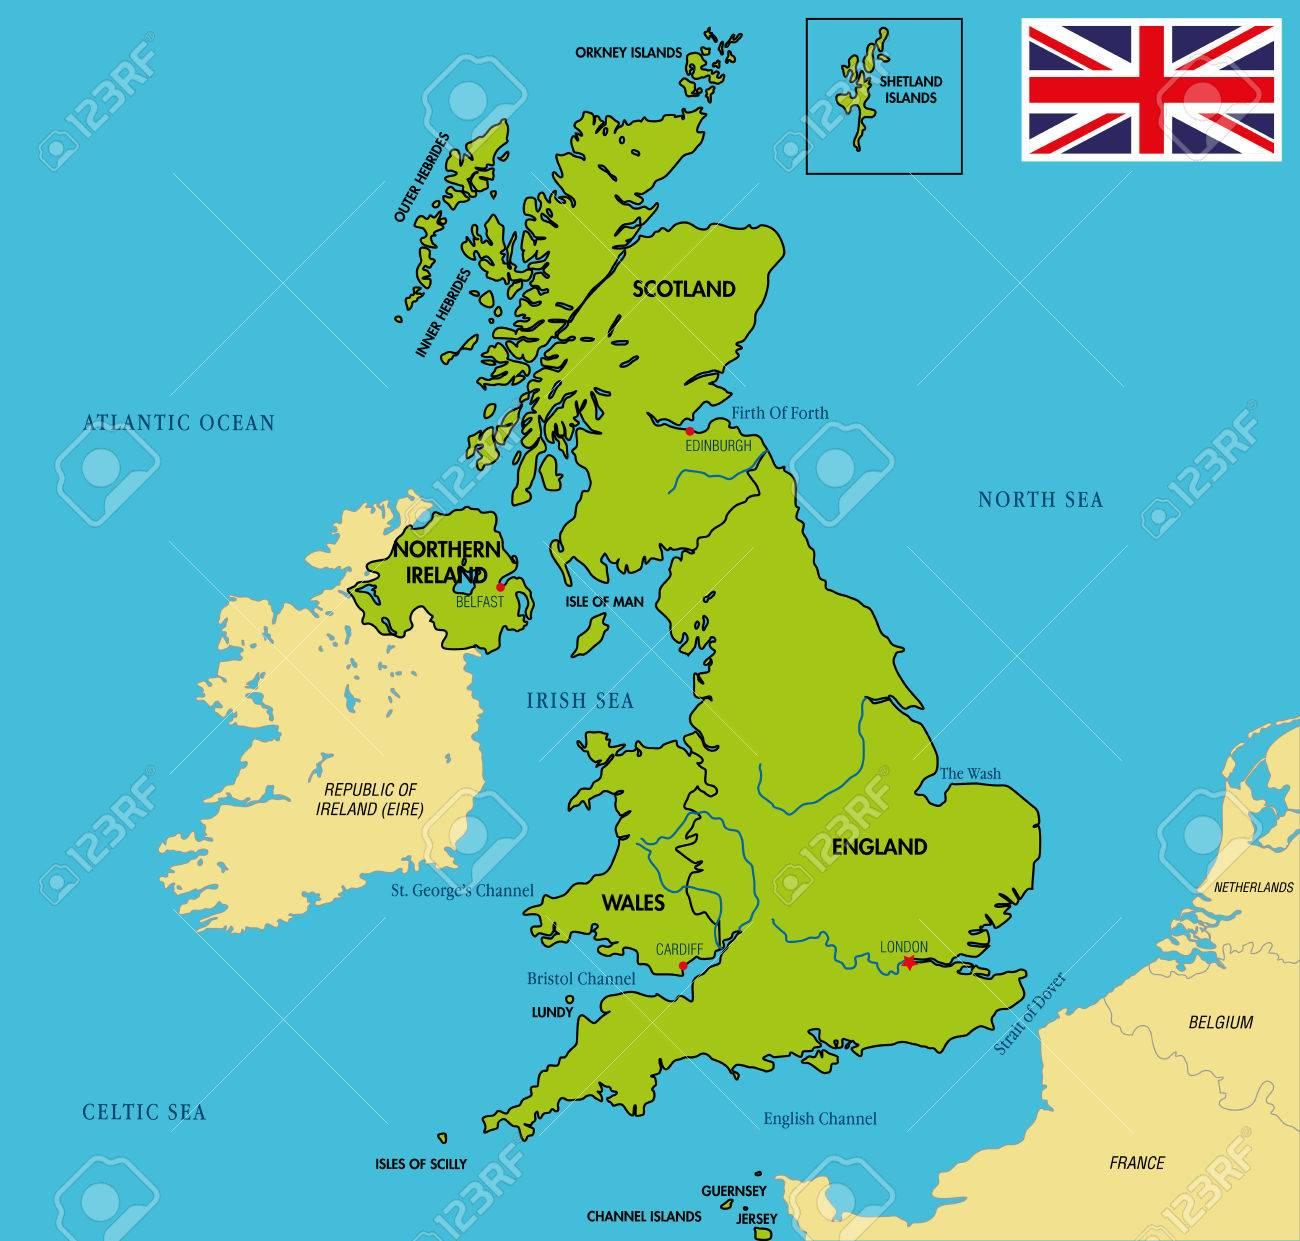 Gran Bretana Mapa Politico.Vector Mapa Politico Muy Detallado Del Reino Unido De Gran Bretana E Irlanda Del Norte Con Las Regiones Y Sus Capitales Ilustraciones Vectoriales Clip Art Vectorizado Libre De Derechos Image 76468411